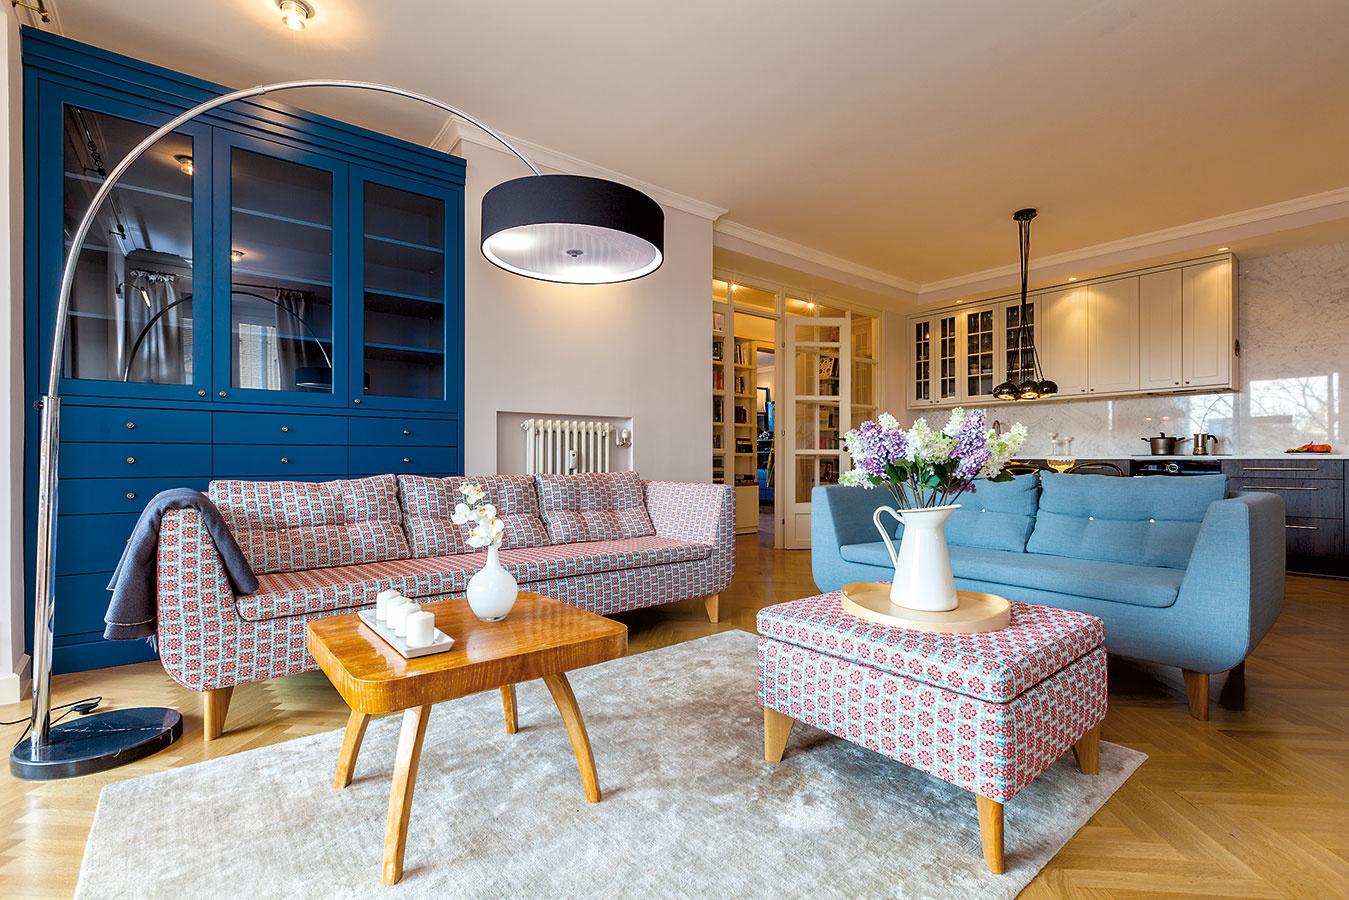 Kuchyňa ako pozadie obývacej izby pomocou dizajnu ladne zapadne do priestoru. Pomyselnú hranicu medzi týmito priestormi tvorí sedačka otočená chrbtom ku kuchyni.